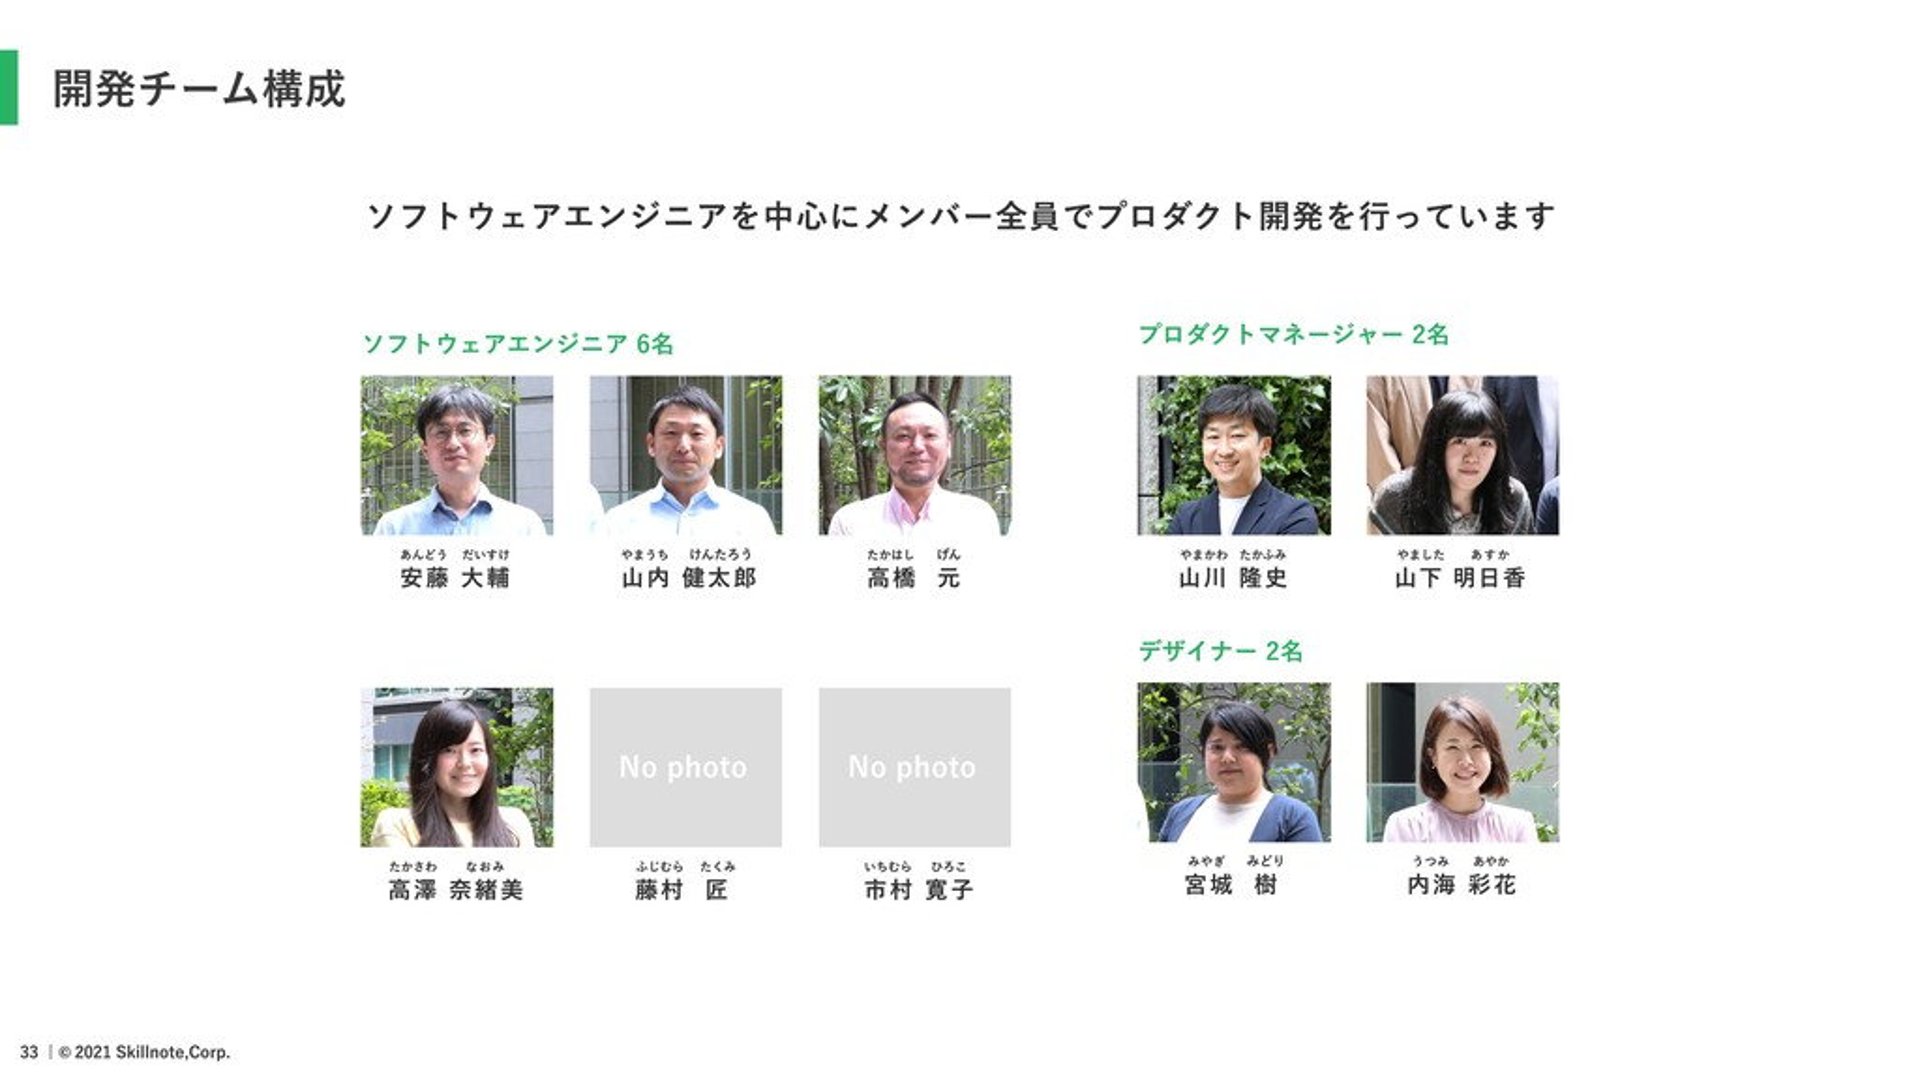 開発チーム構成 ソフトウェアエンジニア 6名 プロダクトマネージャー 2名 デザイナー 2名 ...